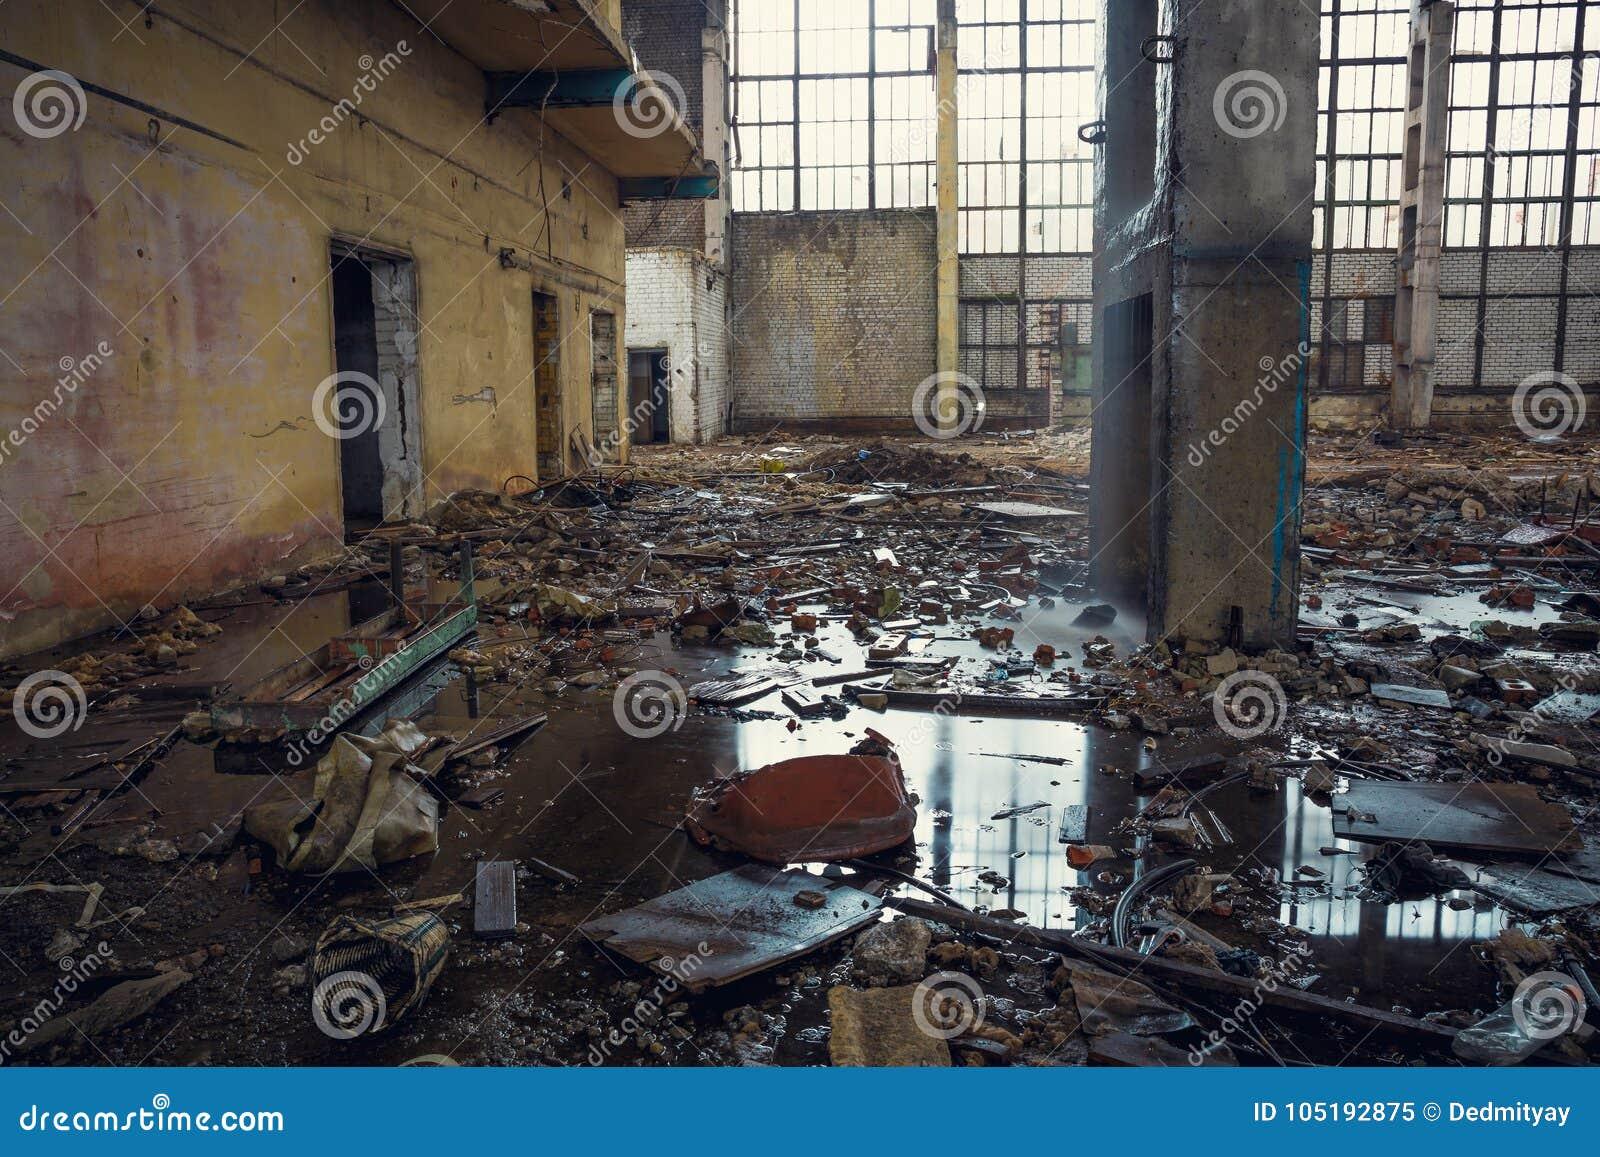 Bâtiment industriel ruiné avec des magmas au sol, entrepôt abandonné rampant